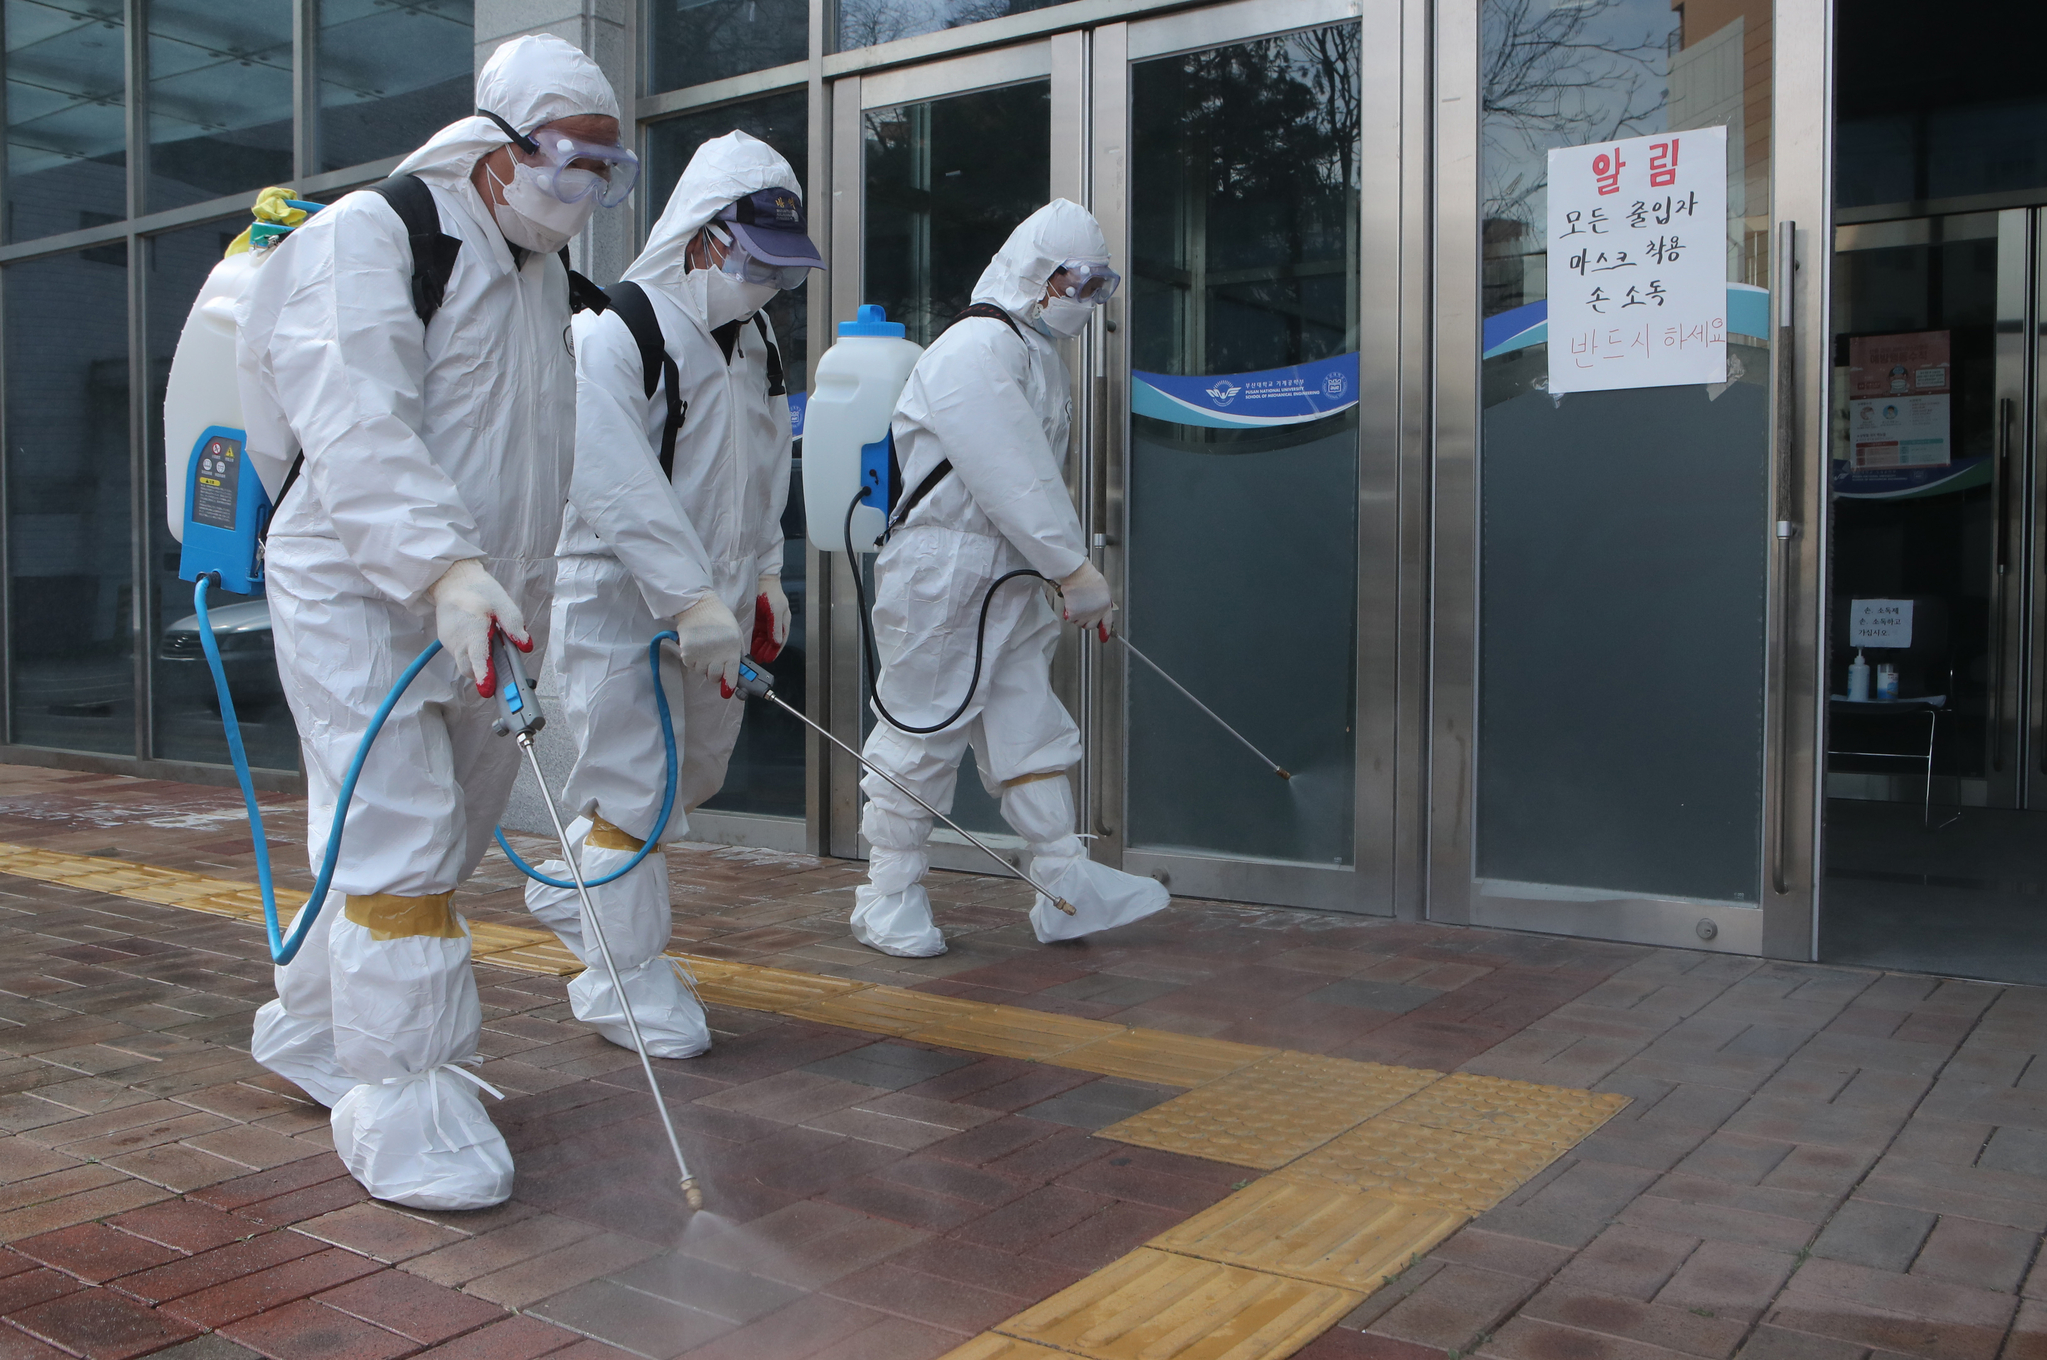 26일 부산 금정구보건소 직원들이 코로나19 확진자가 다녀간 부산대 통합기계관에서 방역활동을 하고 있다. 송봉근 기자